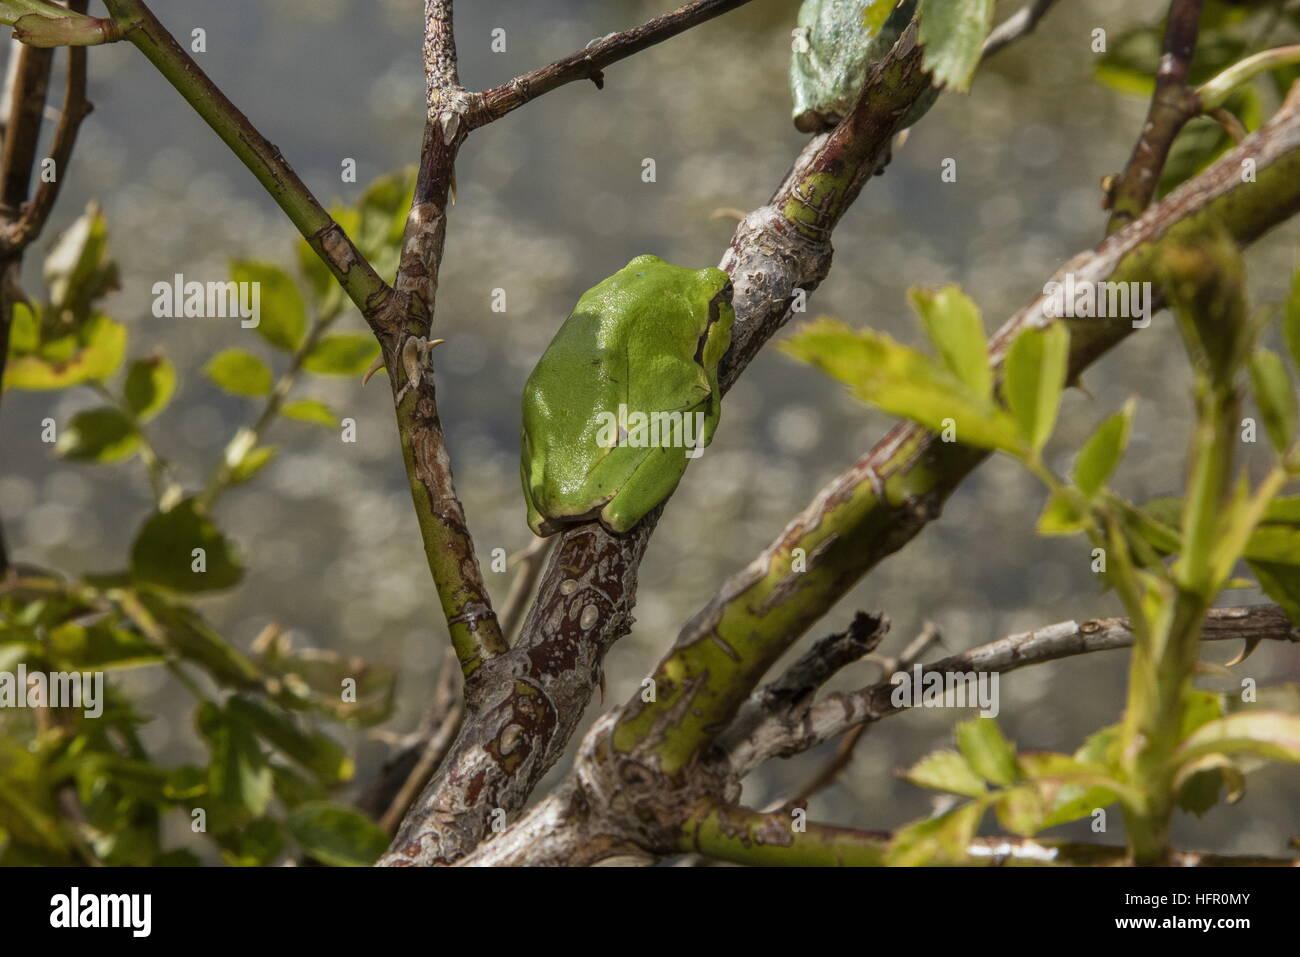 La rainette italienne, Hyla intermedia dans rose bush, Abruzzes, Apennins, en Italie. Photo Stock